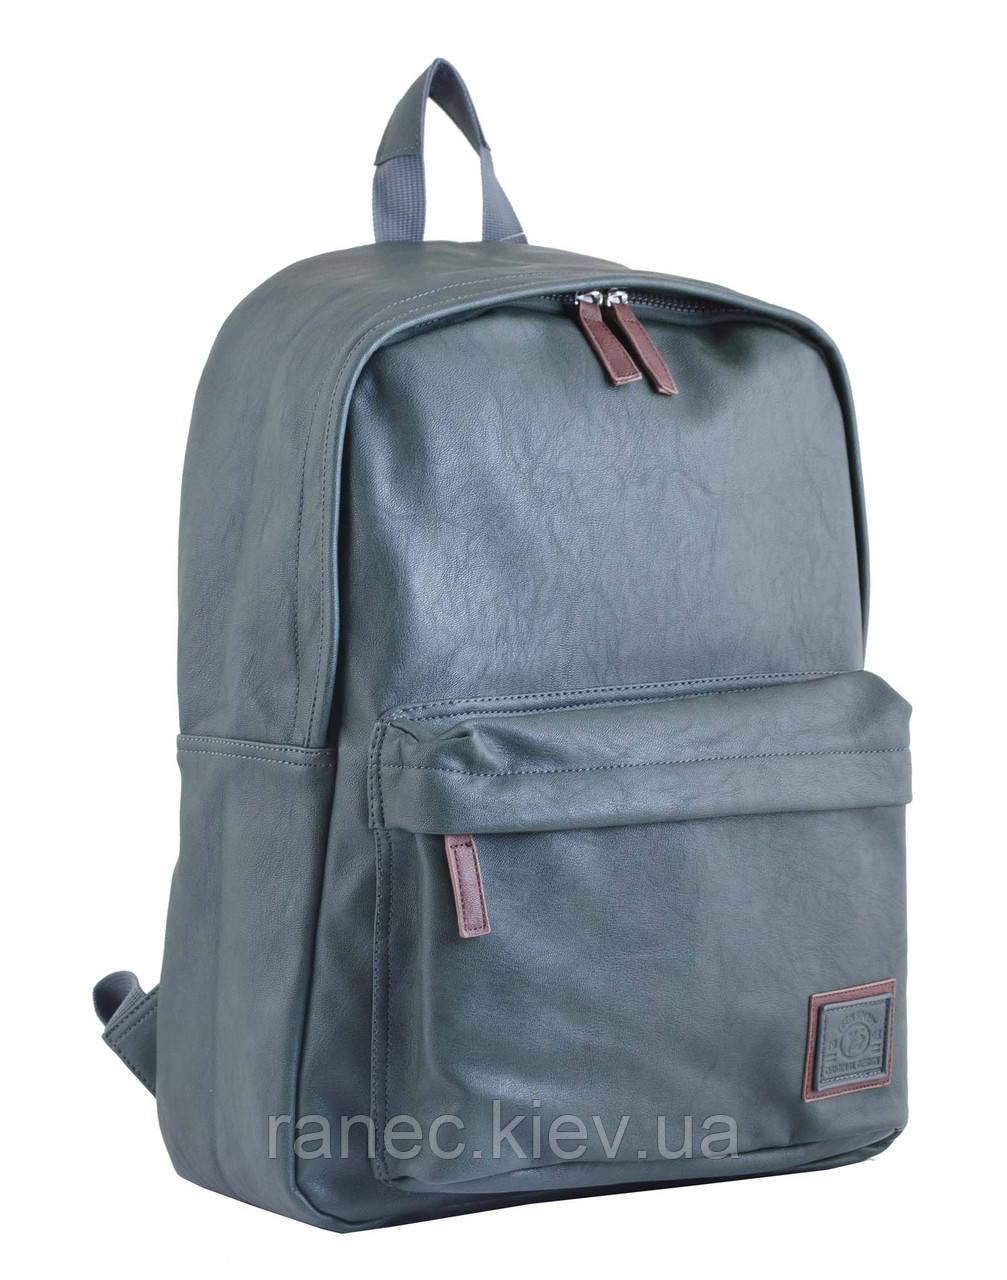 Рюкзак подростковый Yes ST-15 Khaki 553512 YES